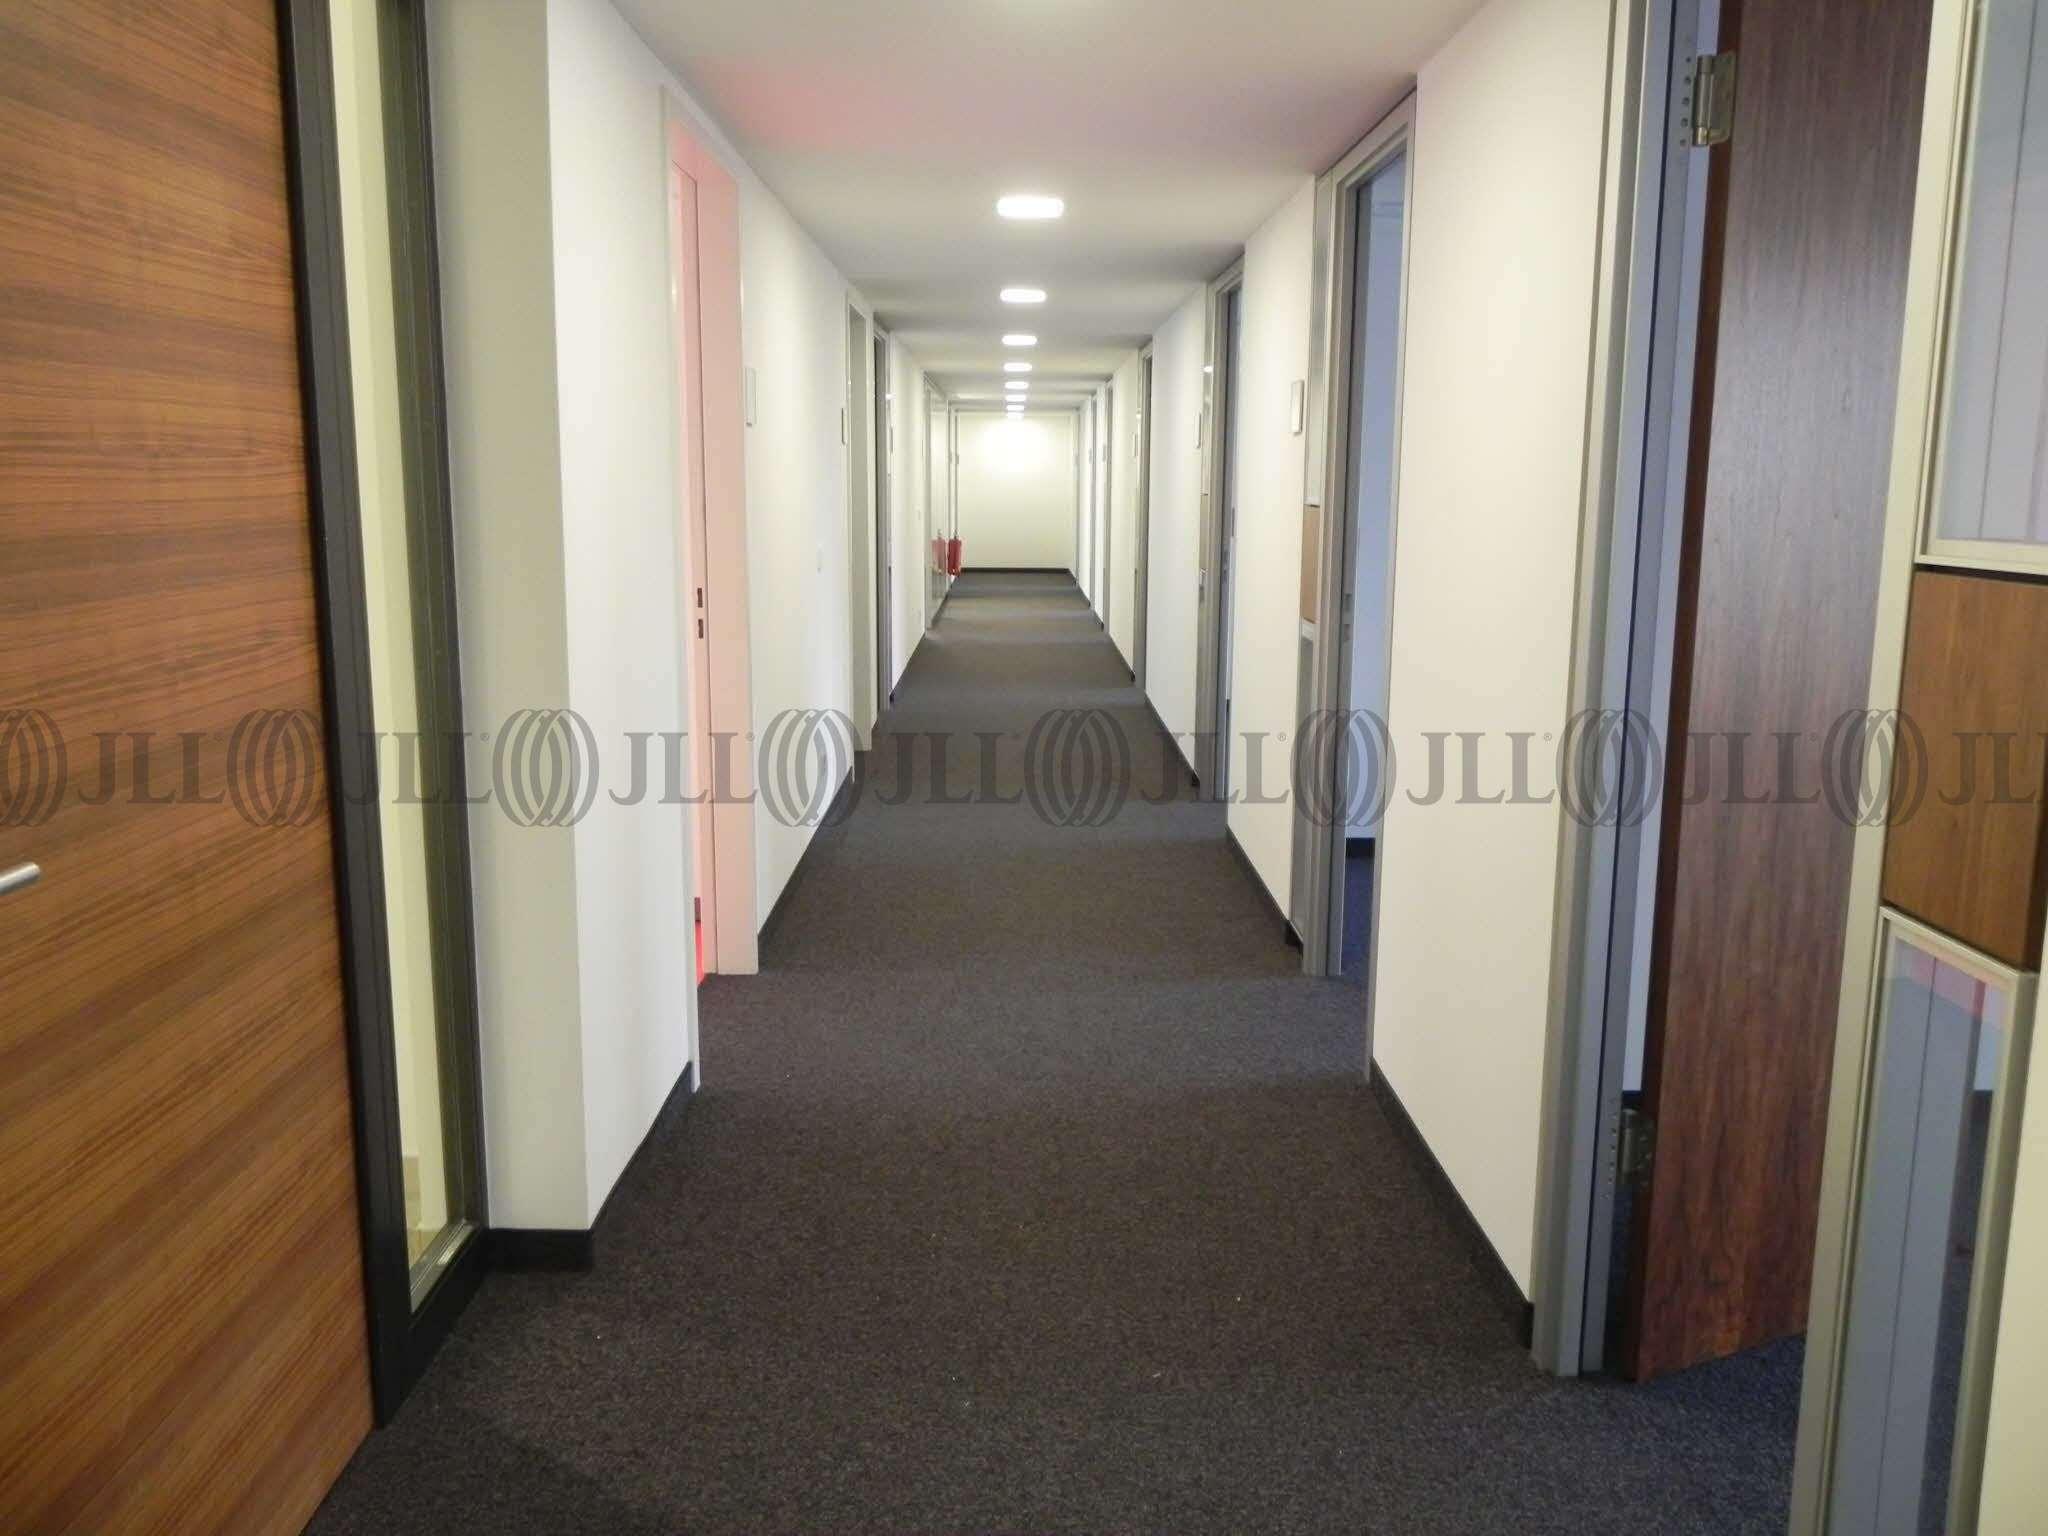 Büros Frankfurt am main, 60325 - Büro - Frankfurt am Main, Innenstadt - F0678 - 10047871